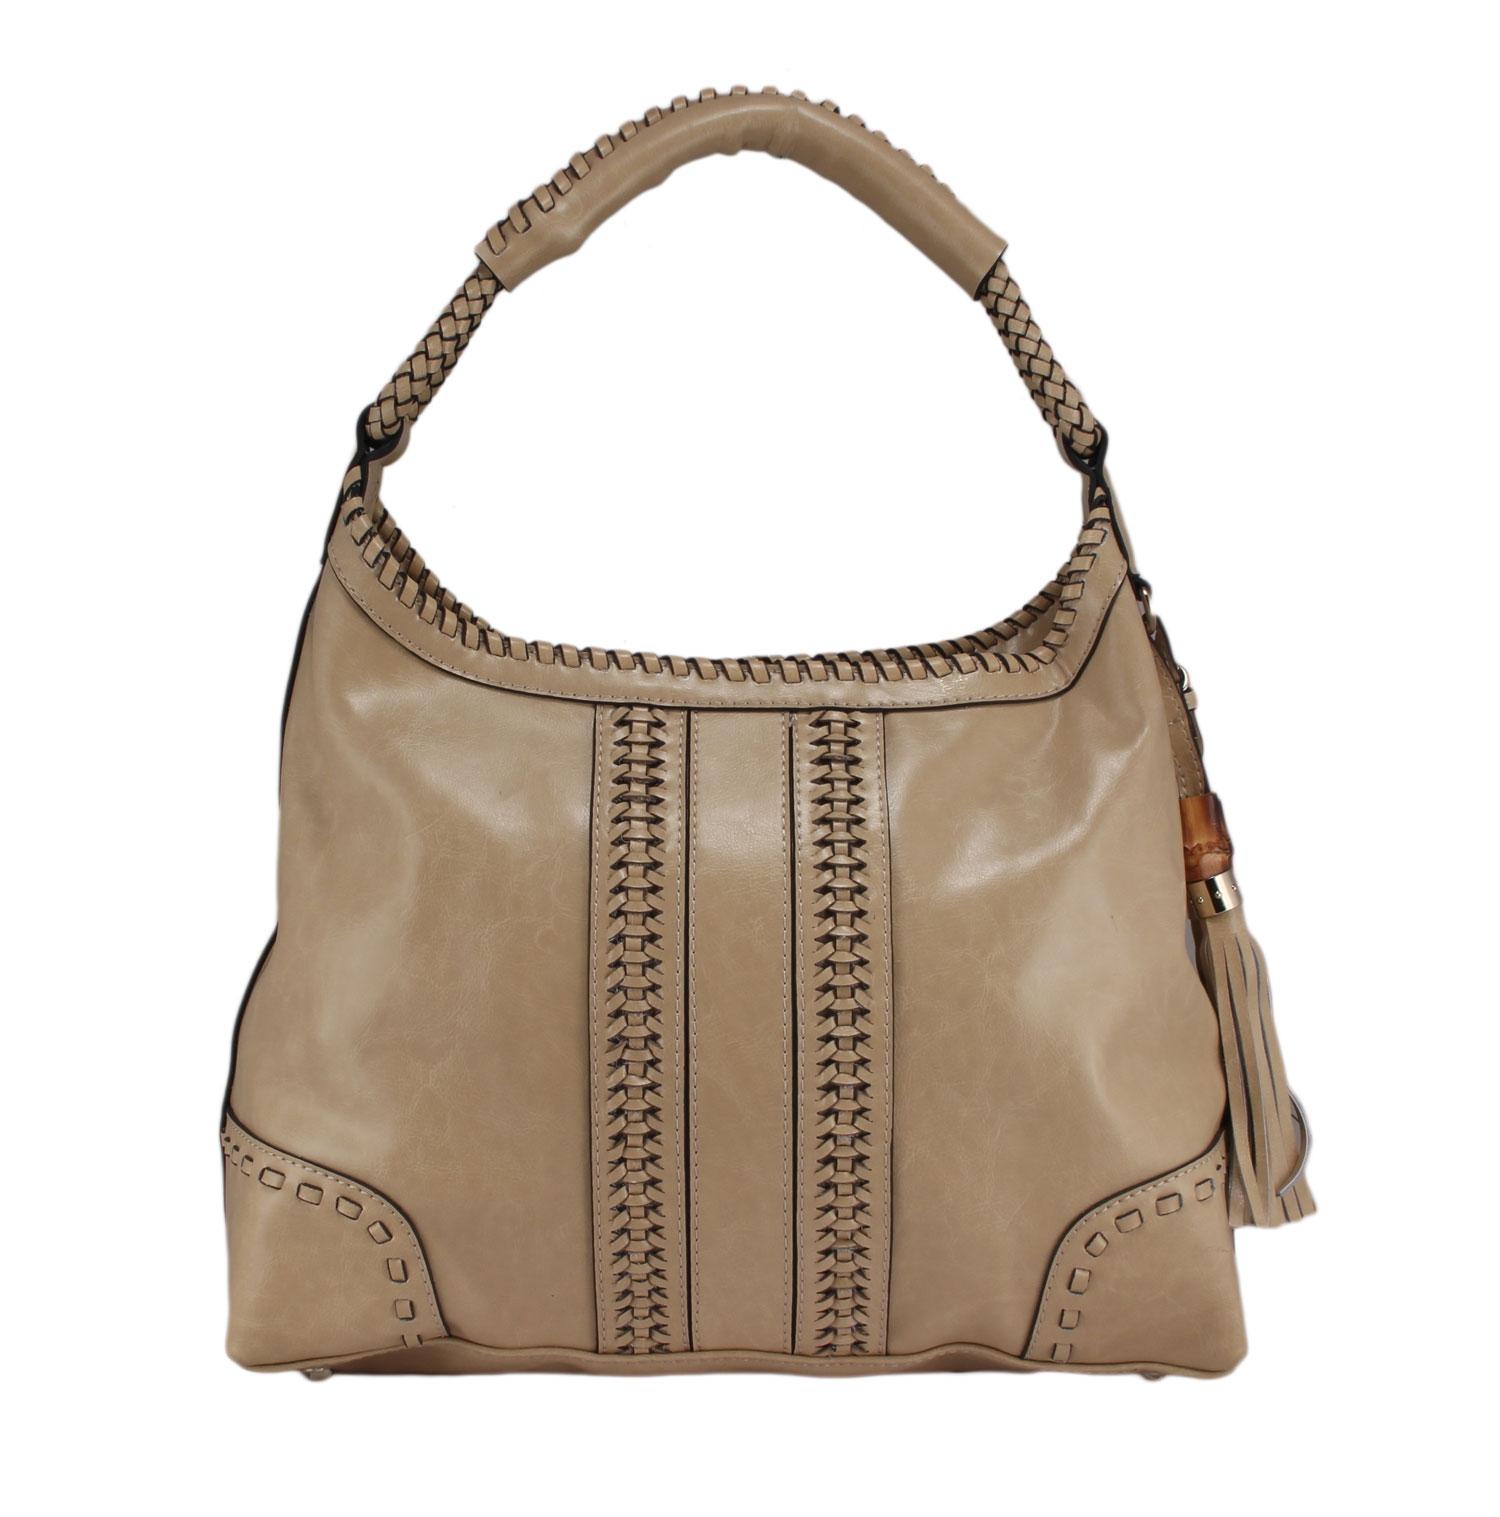 23519c7519da сумка женская gucci 318256 beige купить в магазине Имежбэг ру в Казани